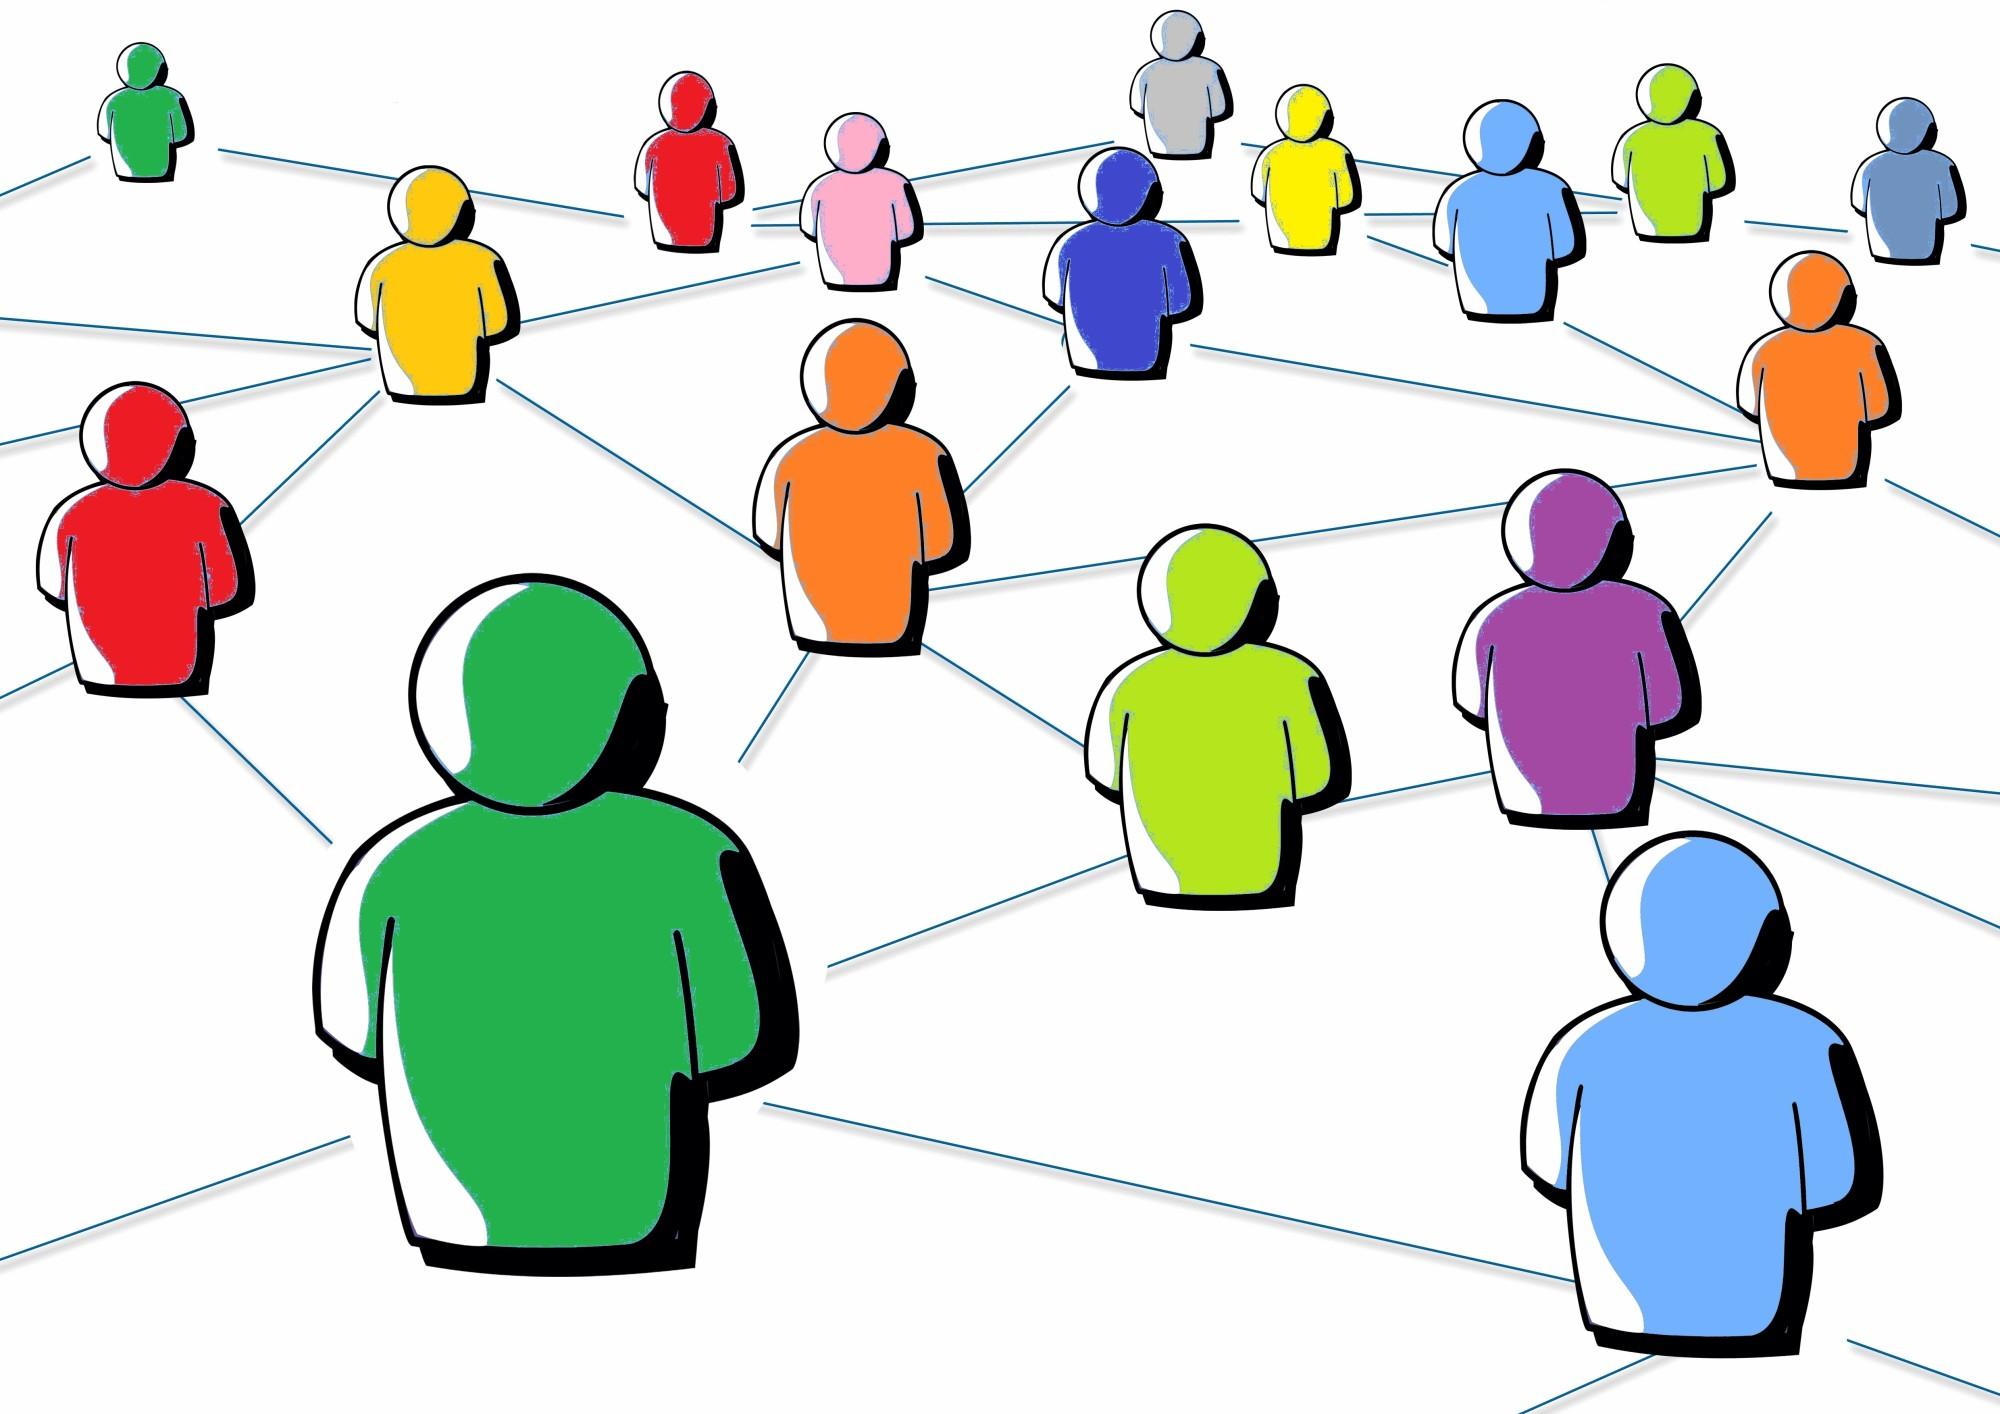 Collaborazione con i social media: può aiutare un team remoto a rimanere produttivo?